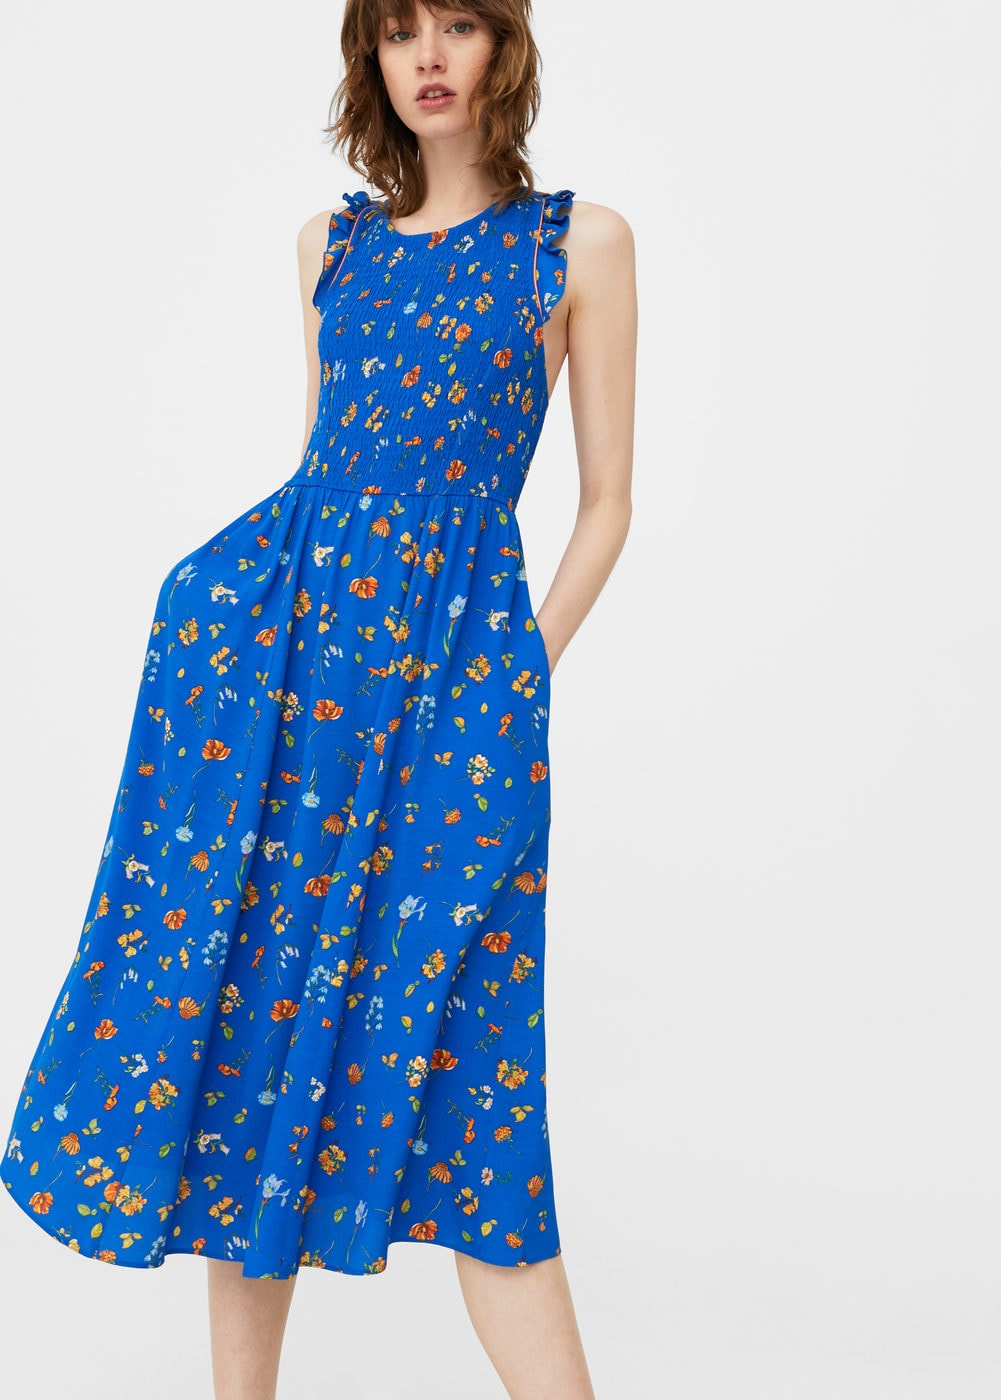 mango-dress.jpg